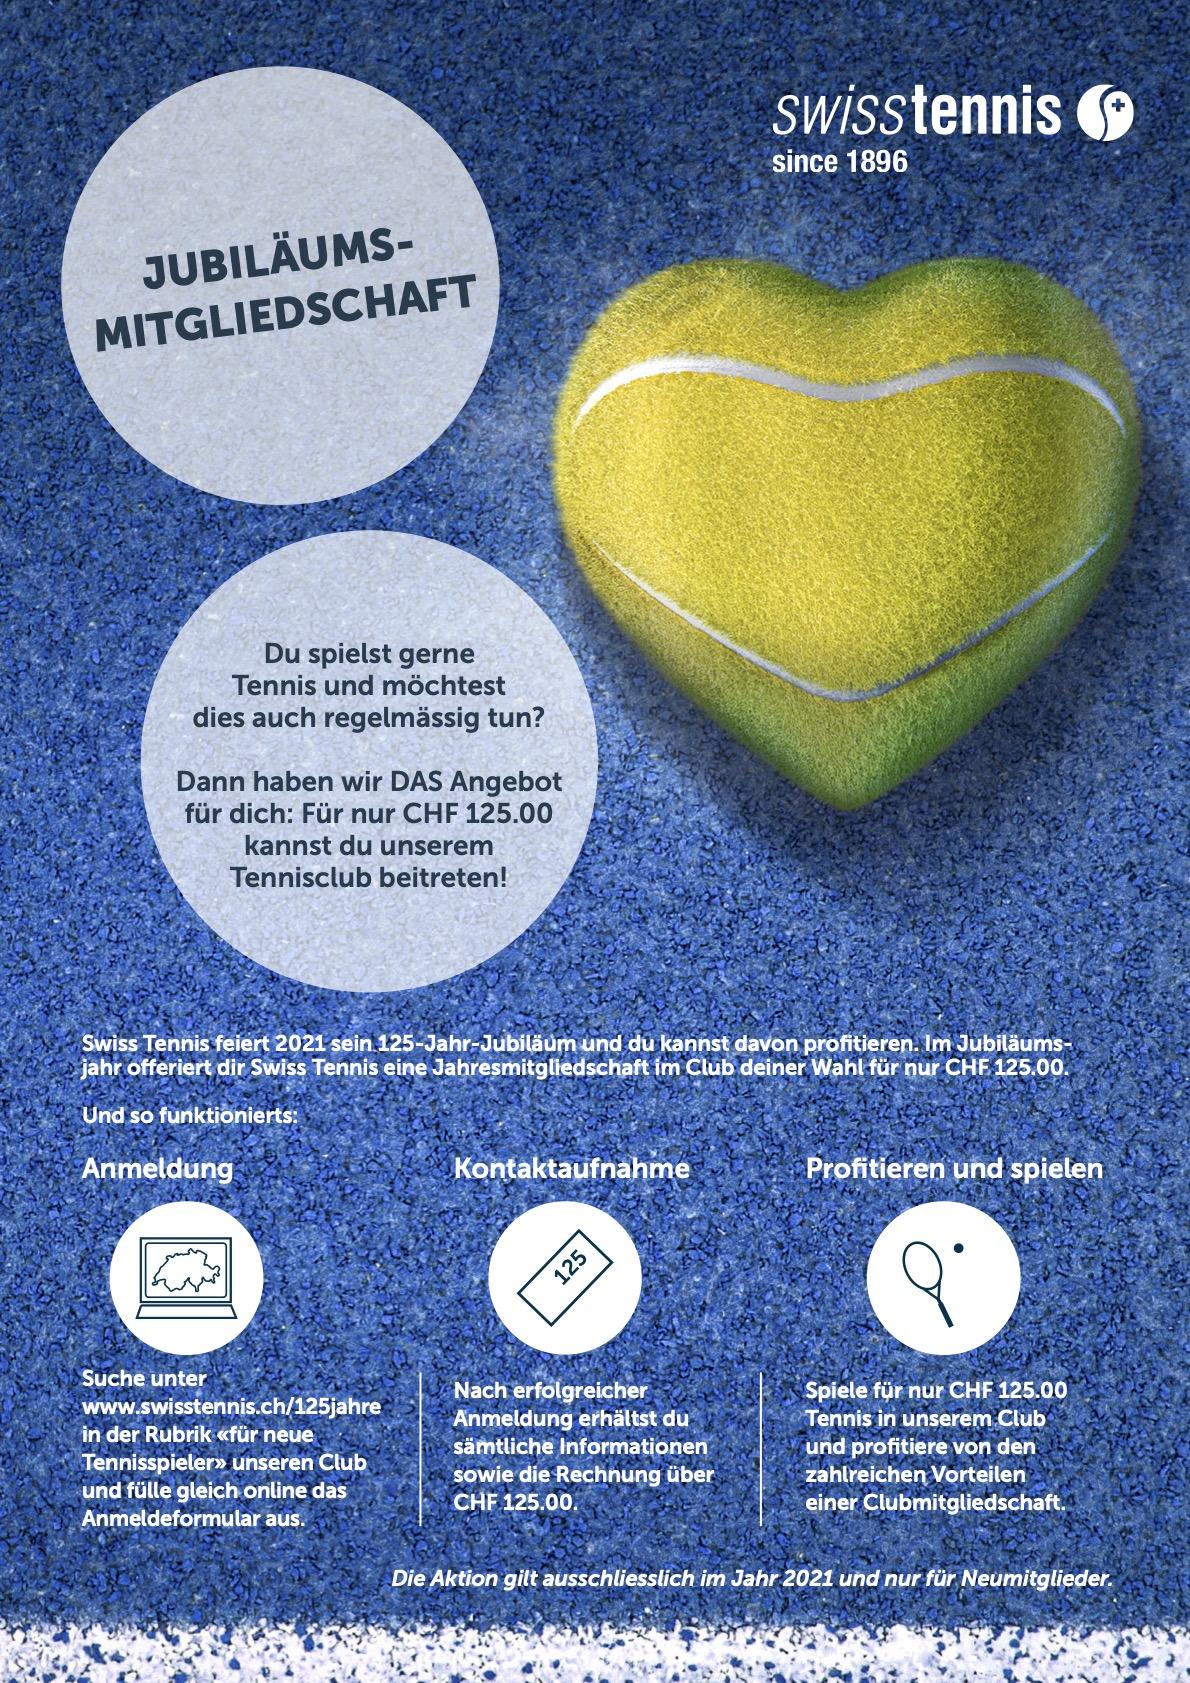 2021_plakat_a4_jubilaeumsmitgliedschaft_de